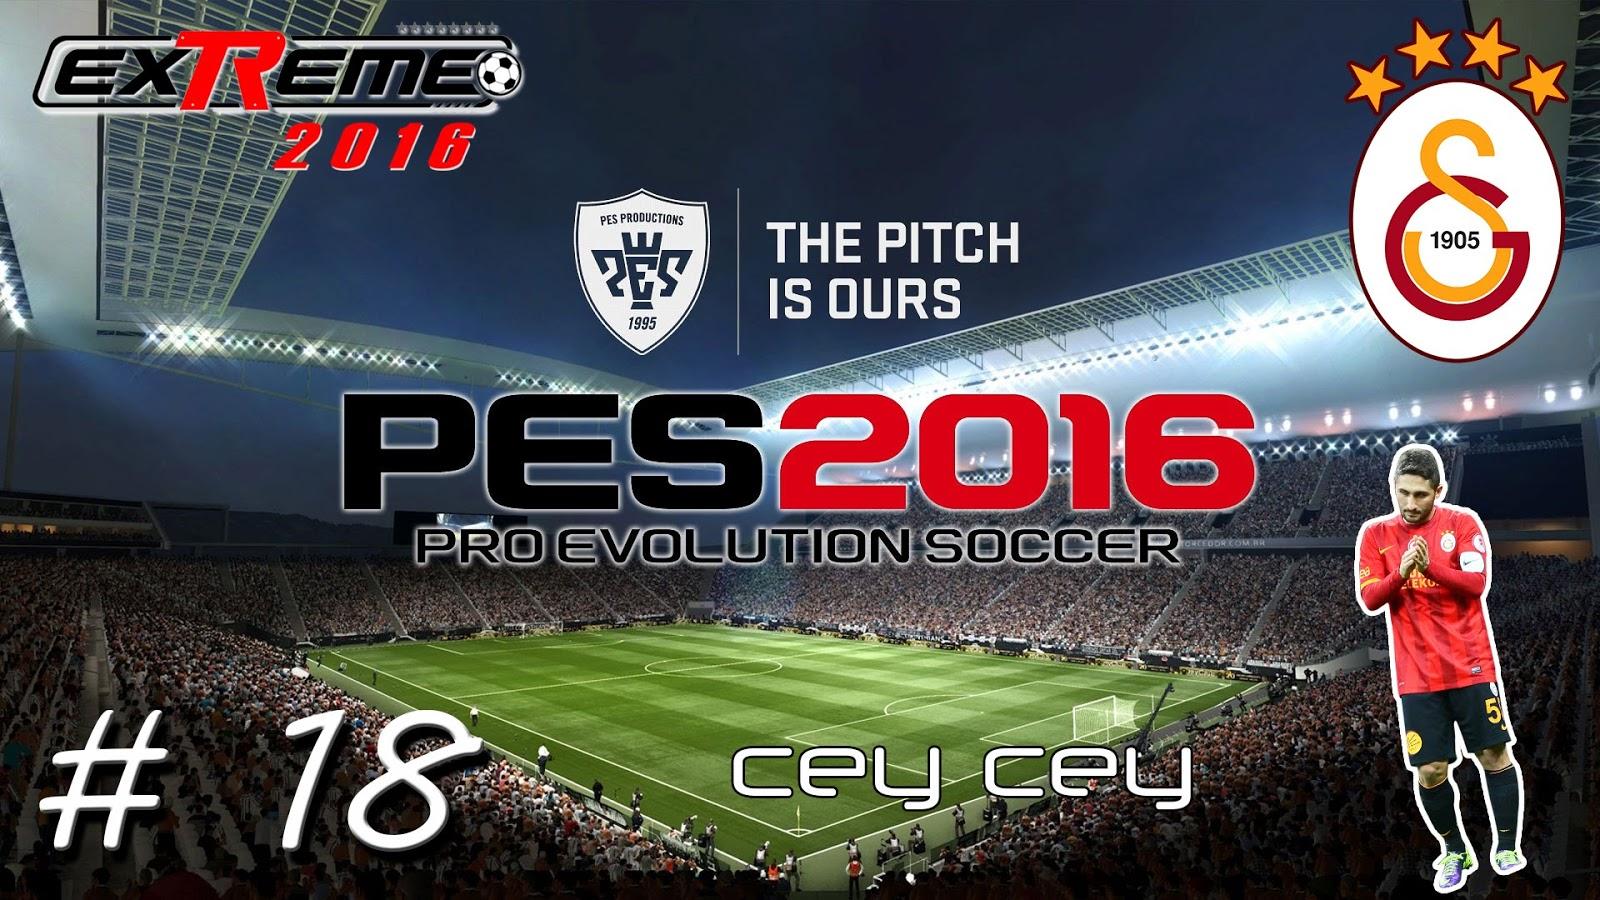 تحميل لعبة بيس 2016 من ميديا فاير مضغوطة Download Pro Evolution Soccer 2016